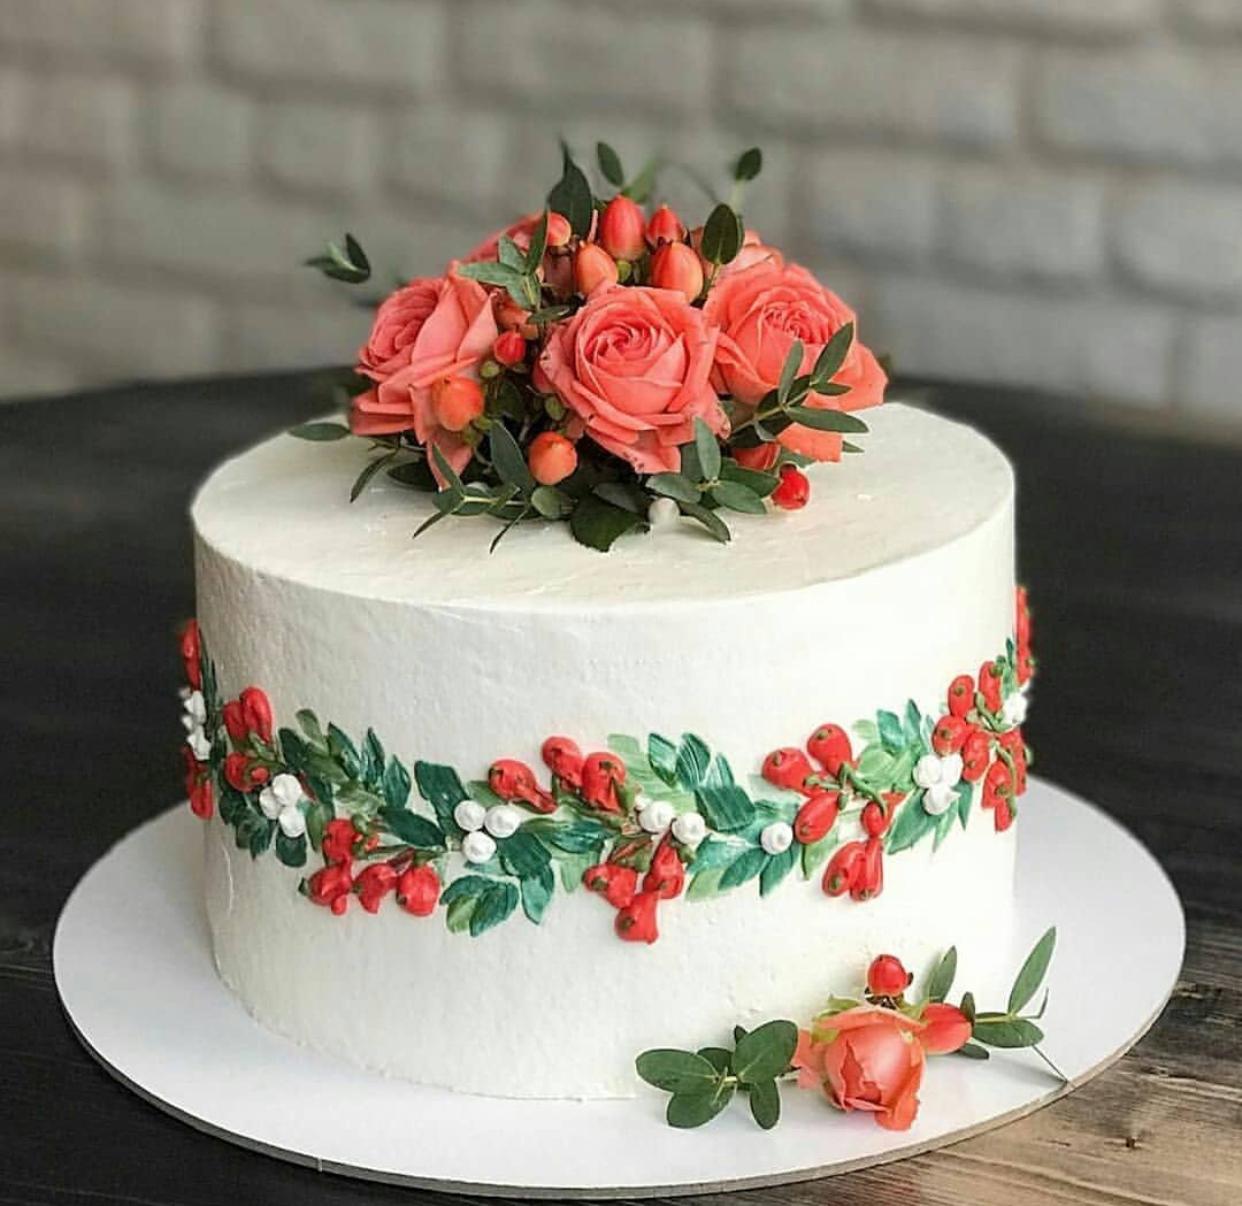 【在哪可以学做蛋糕】_怎么做_如何做-大众养生网